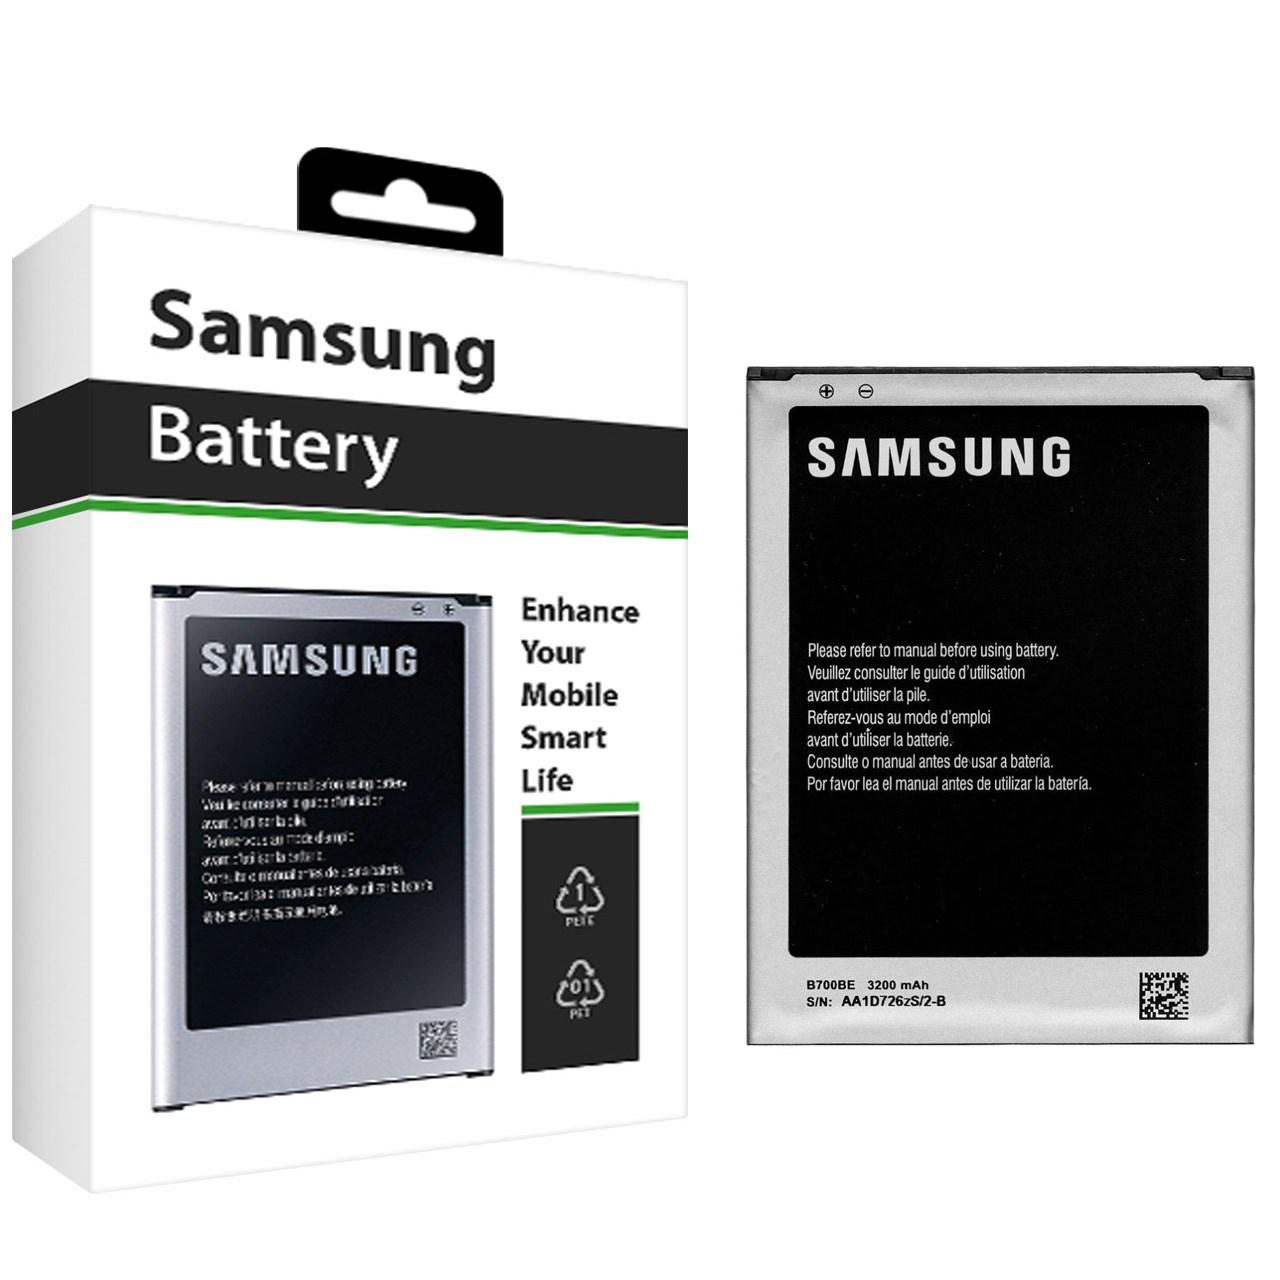 باتری موبایل سامسونگ مدل B700BE با ظرفیت 3200mAh مناسب برای گوشی موبایل سامسونگ Galaxy Mega 6.3 i9200